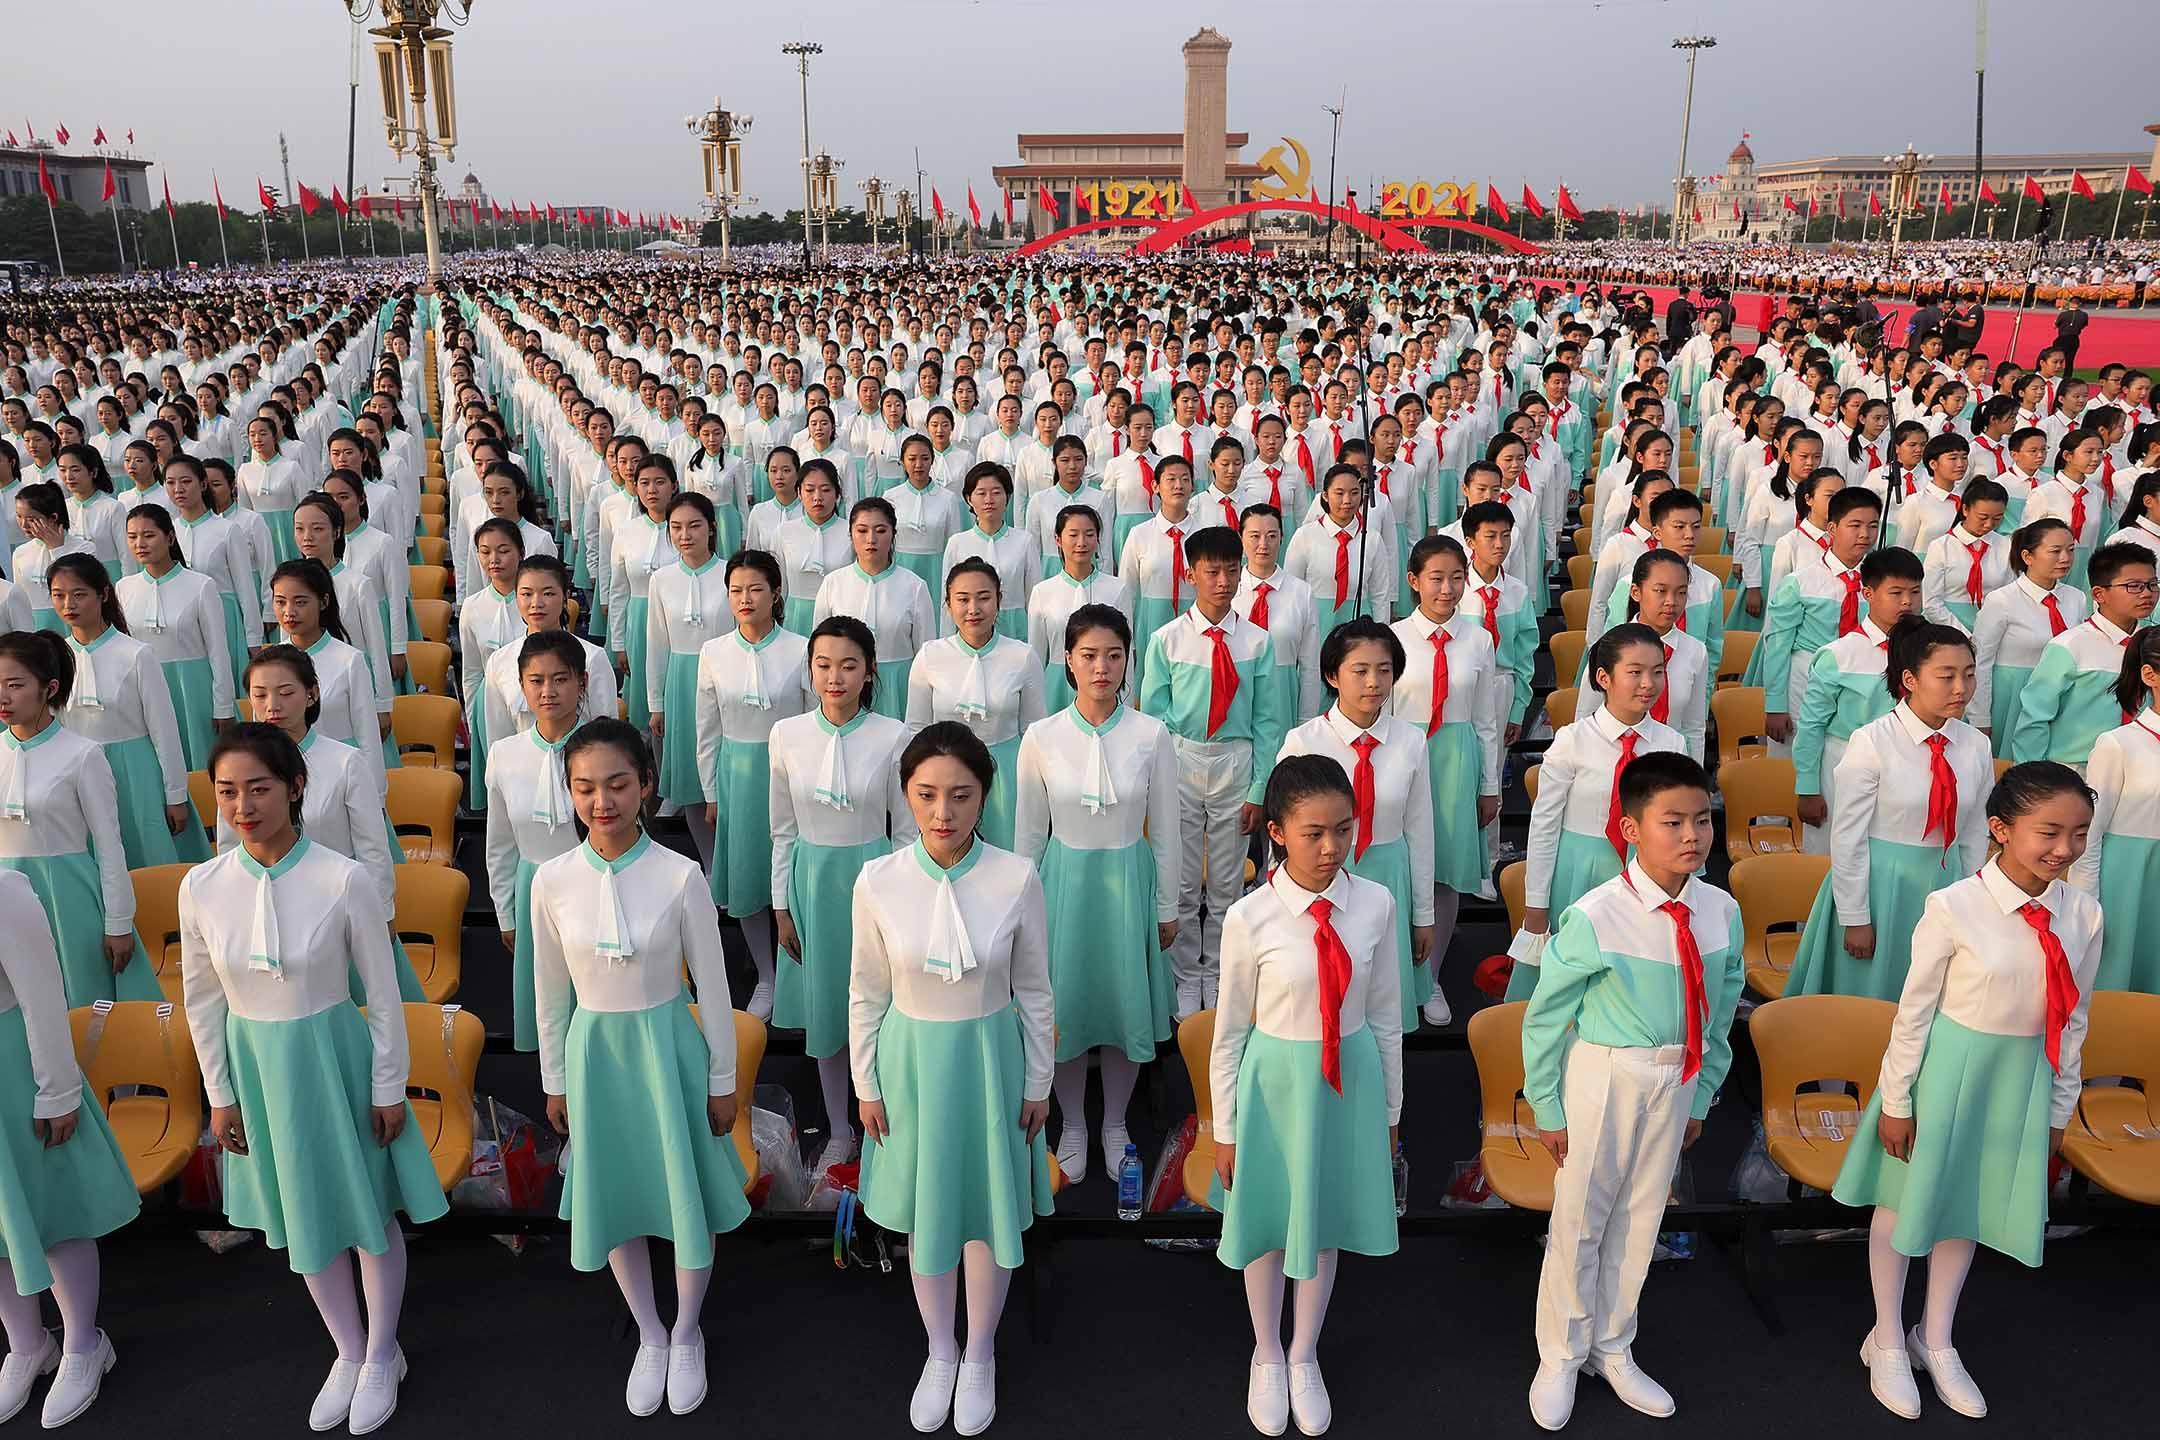 2021年7月1日中國北京,參加者在慶祝共產黨成立 100 週年前排練。